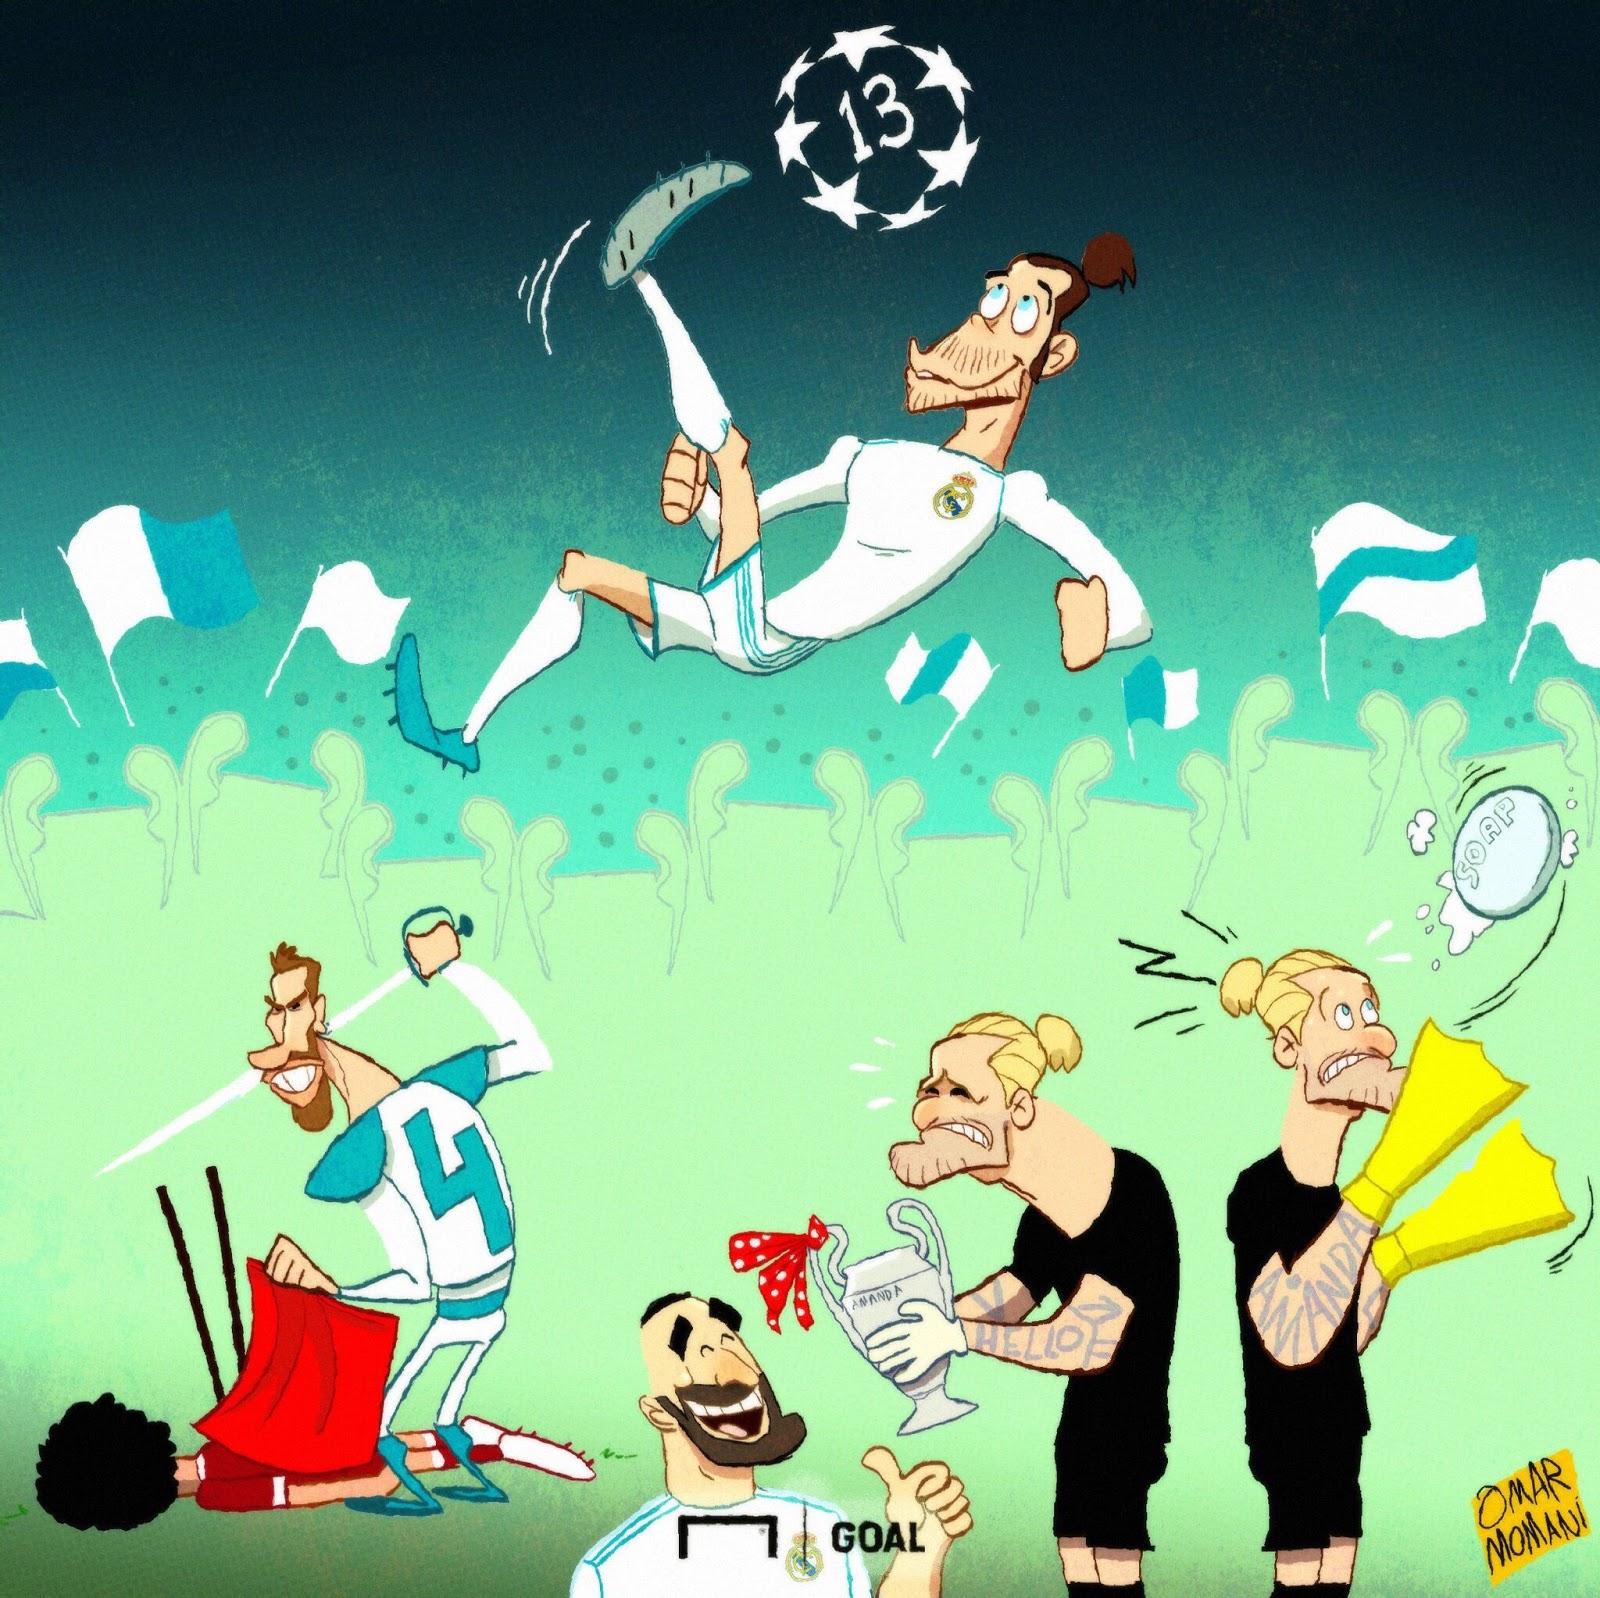 صورة كاريكاتيرية خاص بنهائي الأبطال